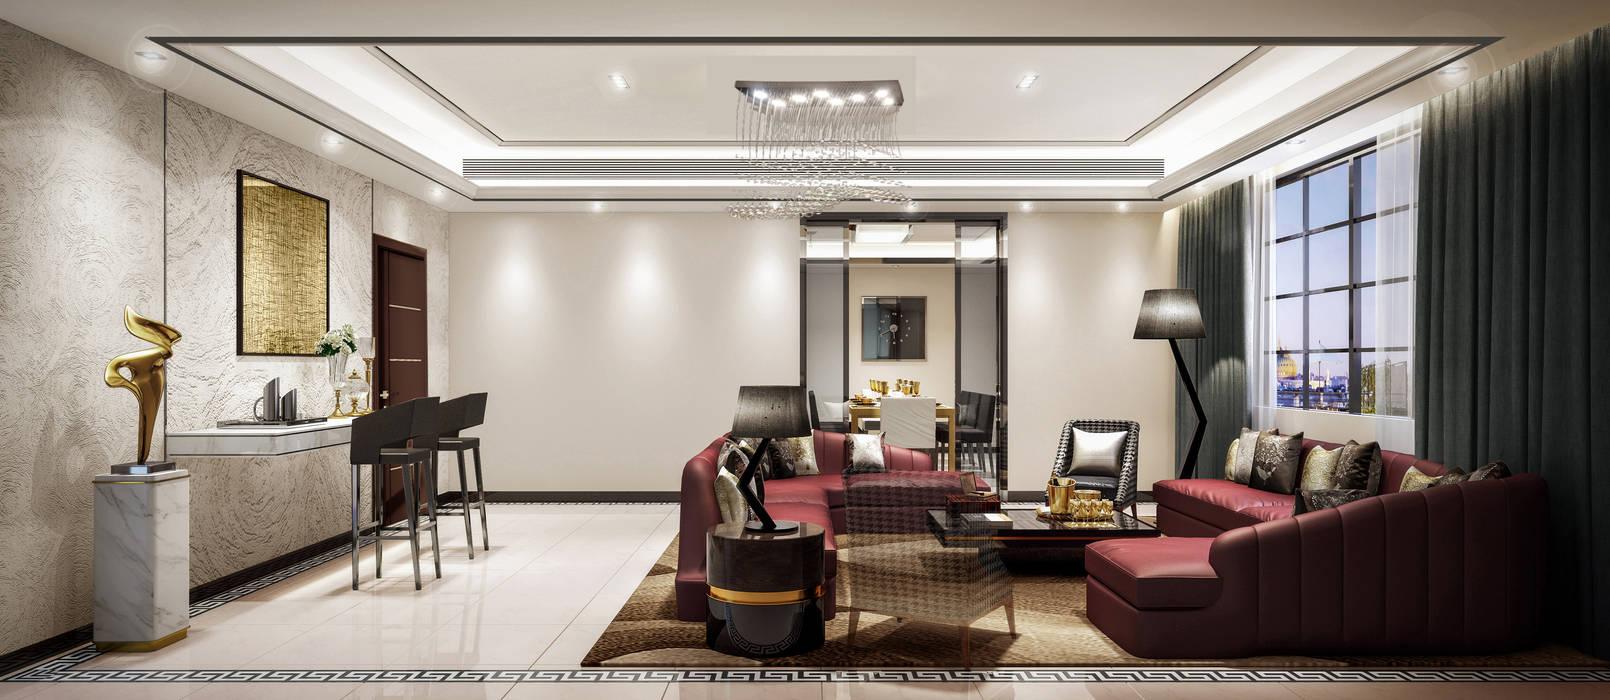 مجلس الرجال من Luxury Solutions حداثي